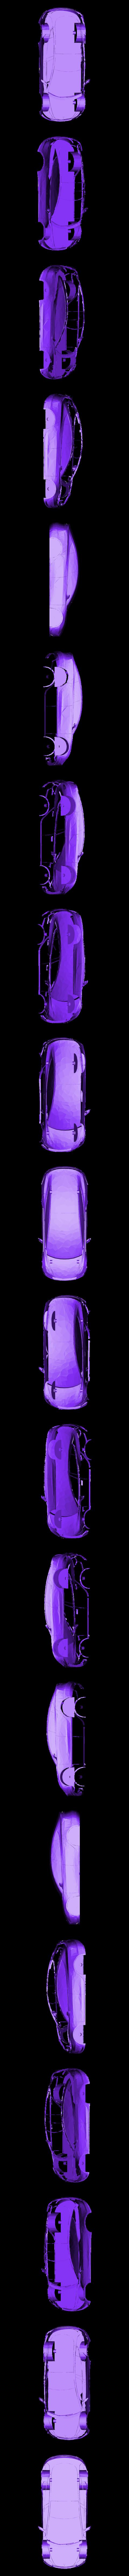 bodyMODEL3.stl Télécharger fichier STL gratuit TESLA MODÈLE 3 • Plan pour impression 3D, Gophy